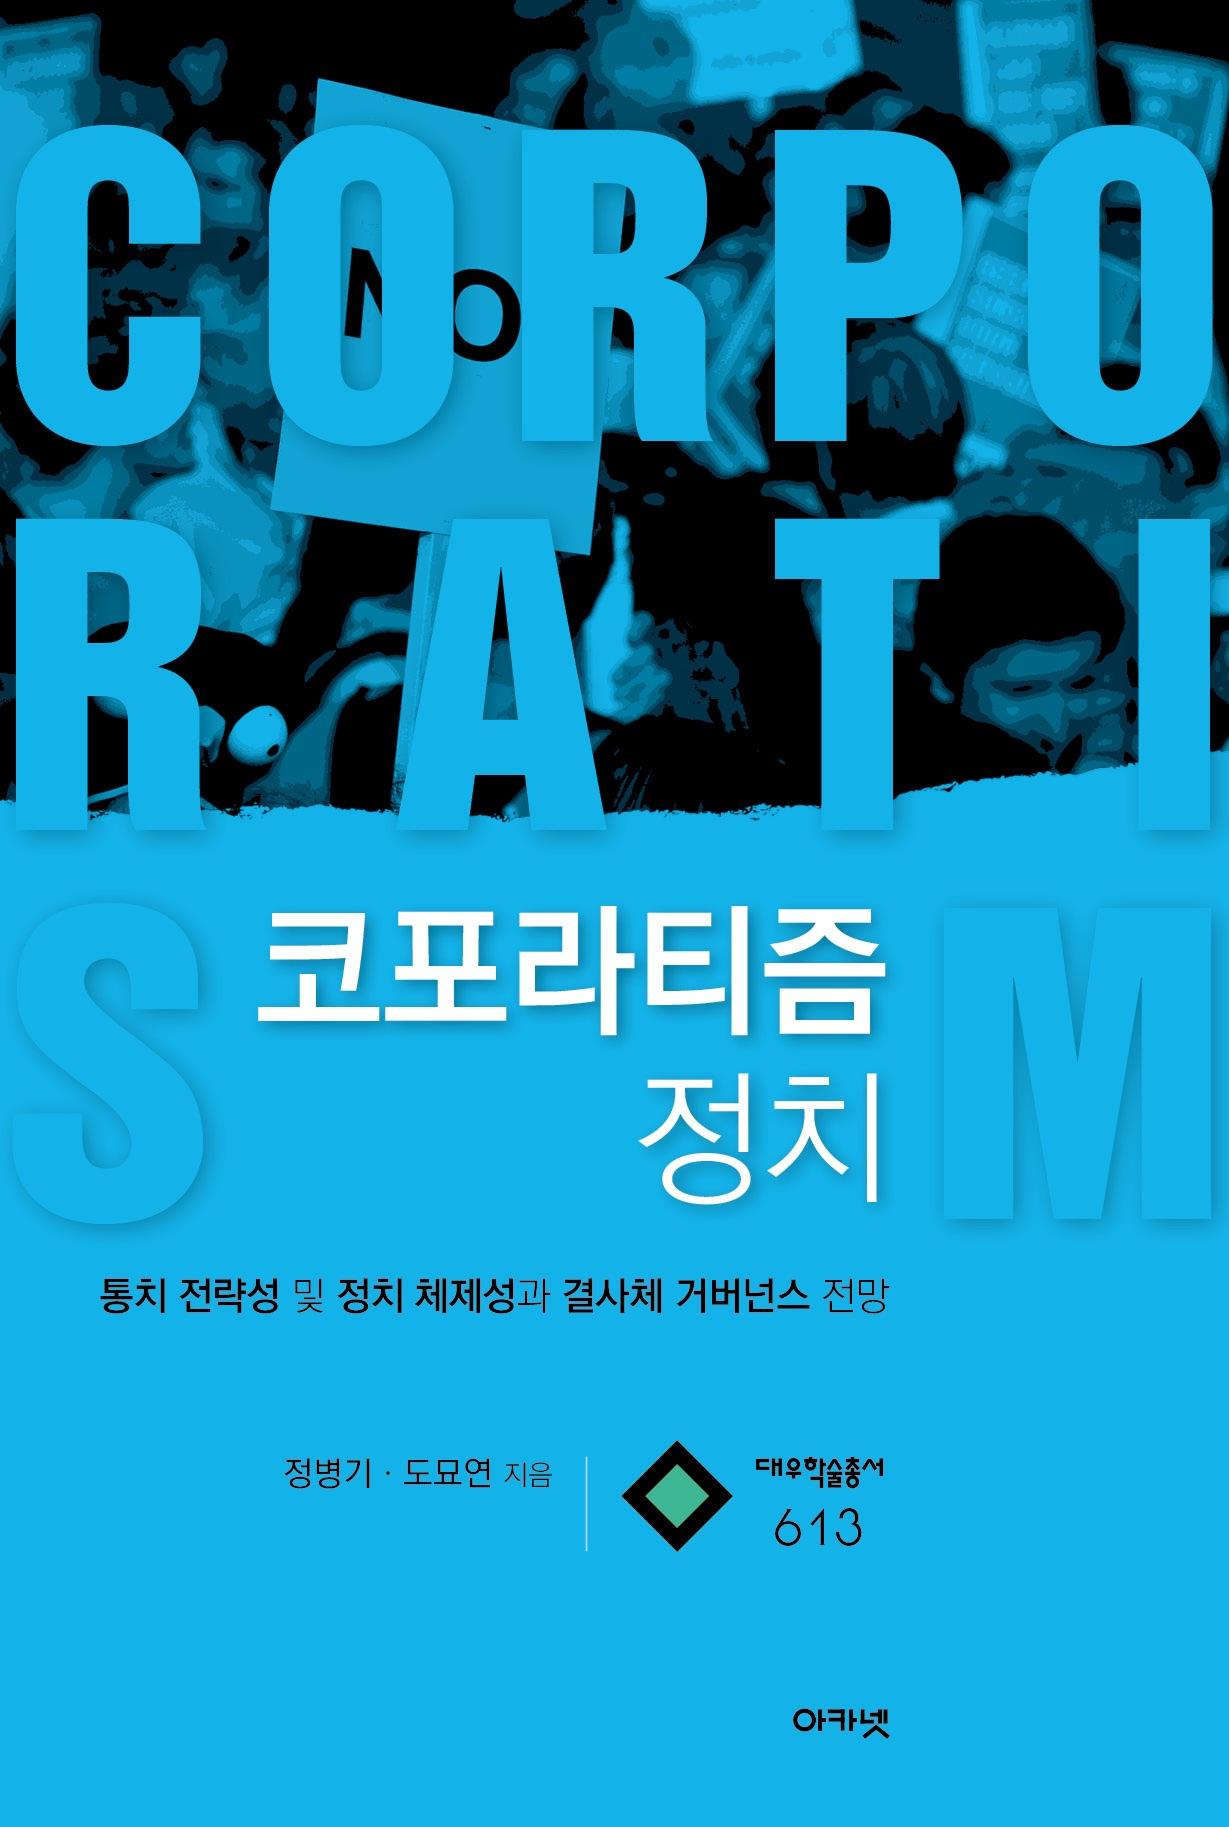 대우재단 대우학술총서 제613권 코포라티즘 정치 written by 정병기, 도묘연 and published by 아카넷 in 2015